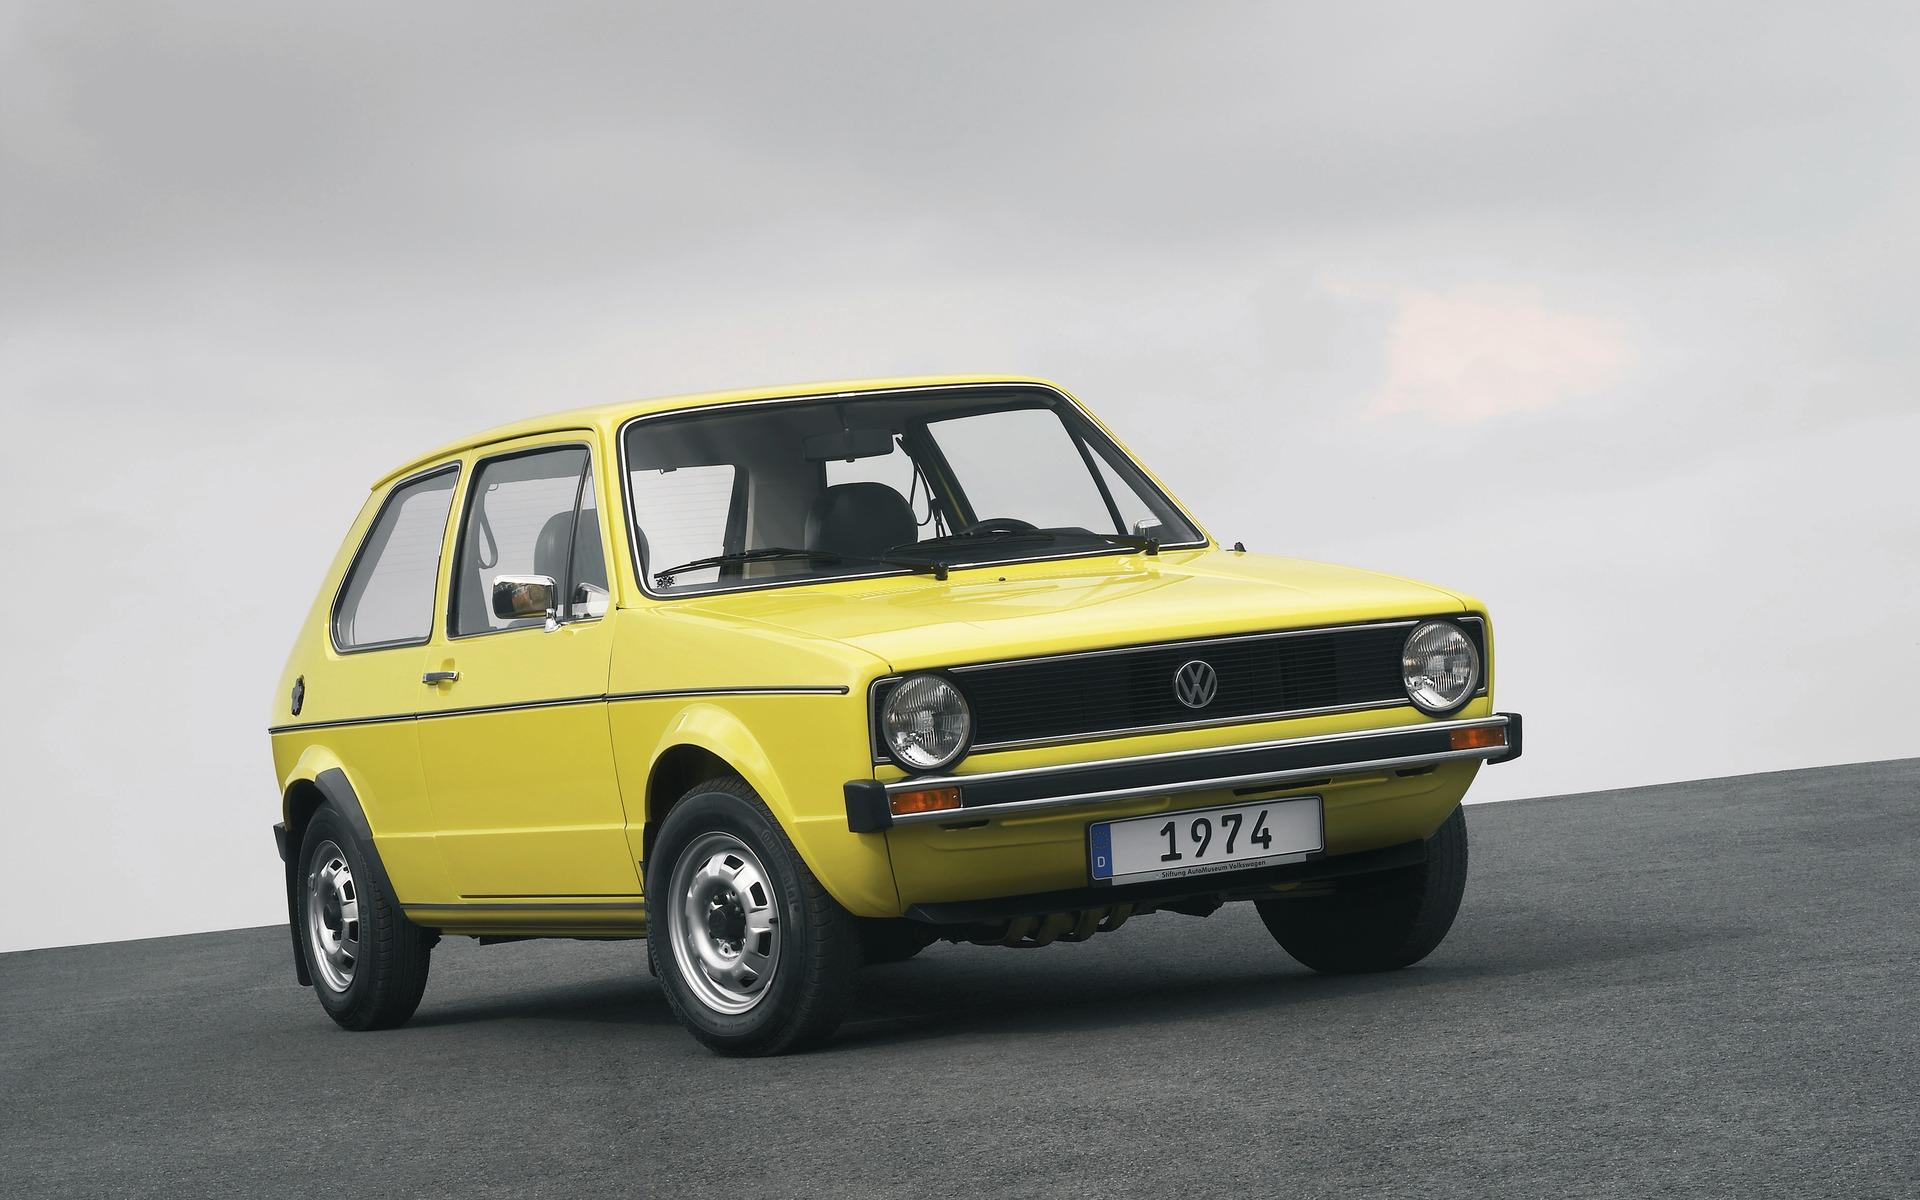 Volkswagen Golf : l'avenir de Volkswagen… depuis 45 ans! 387802_Volkswagen_Golf